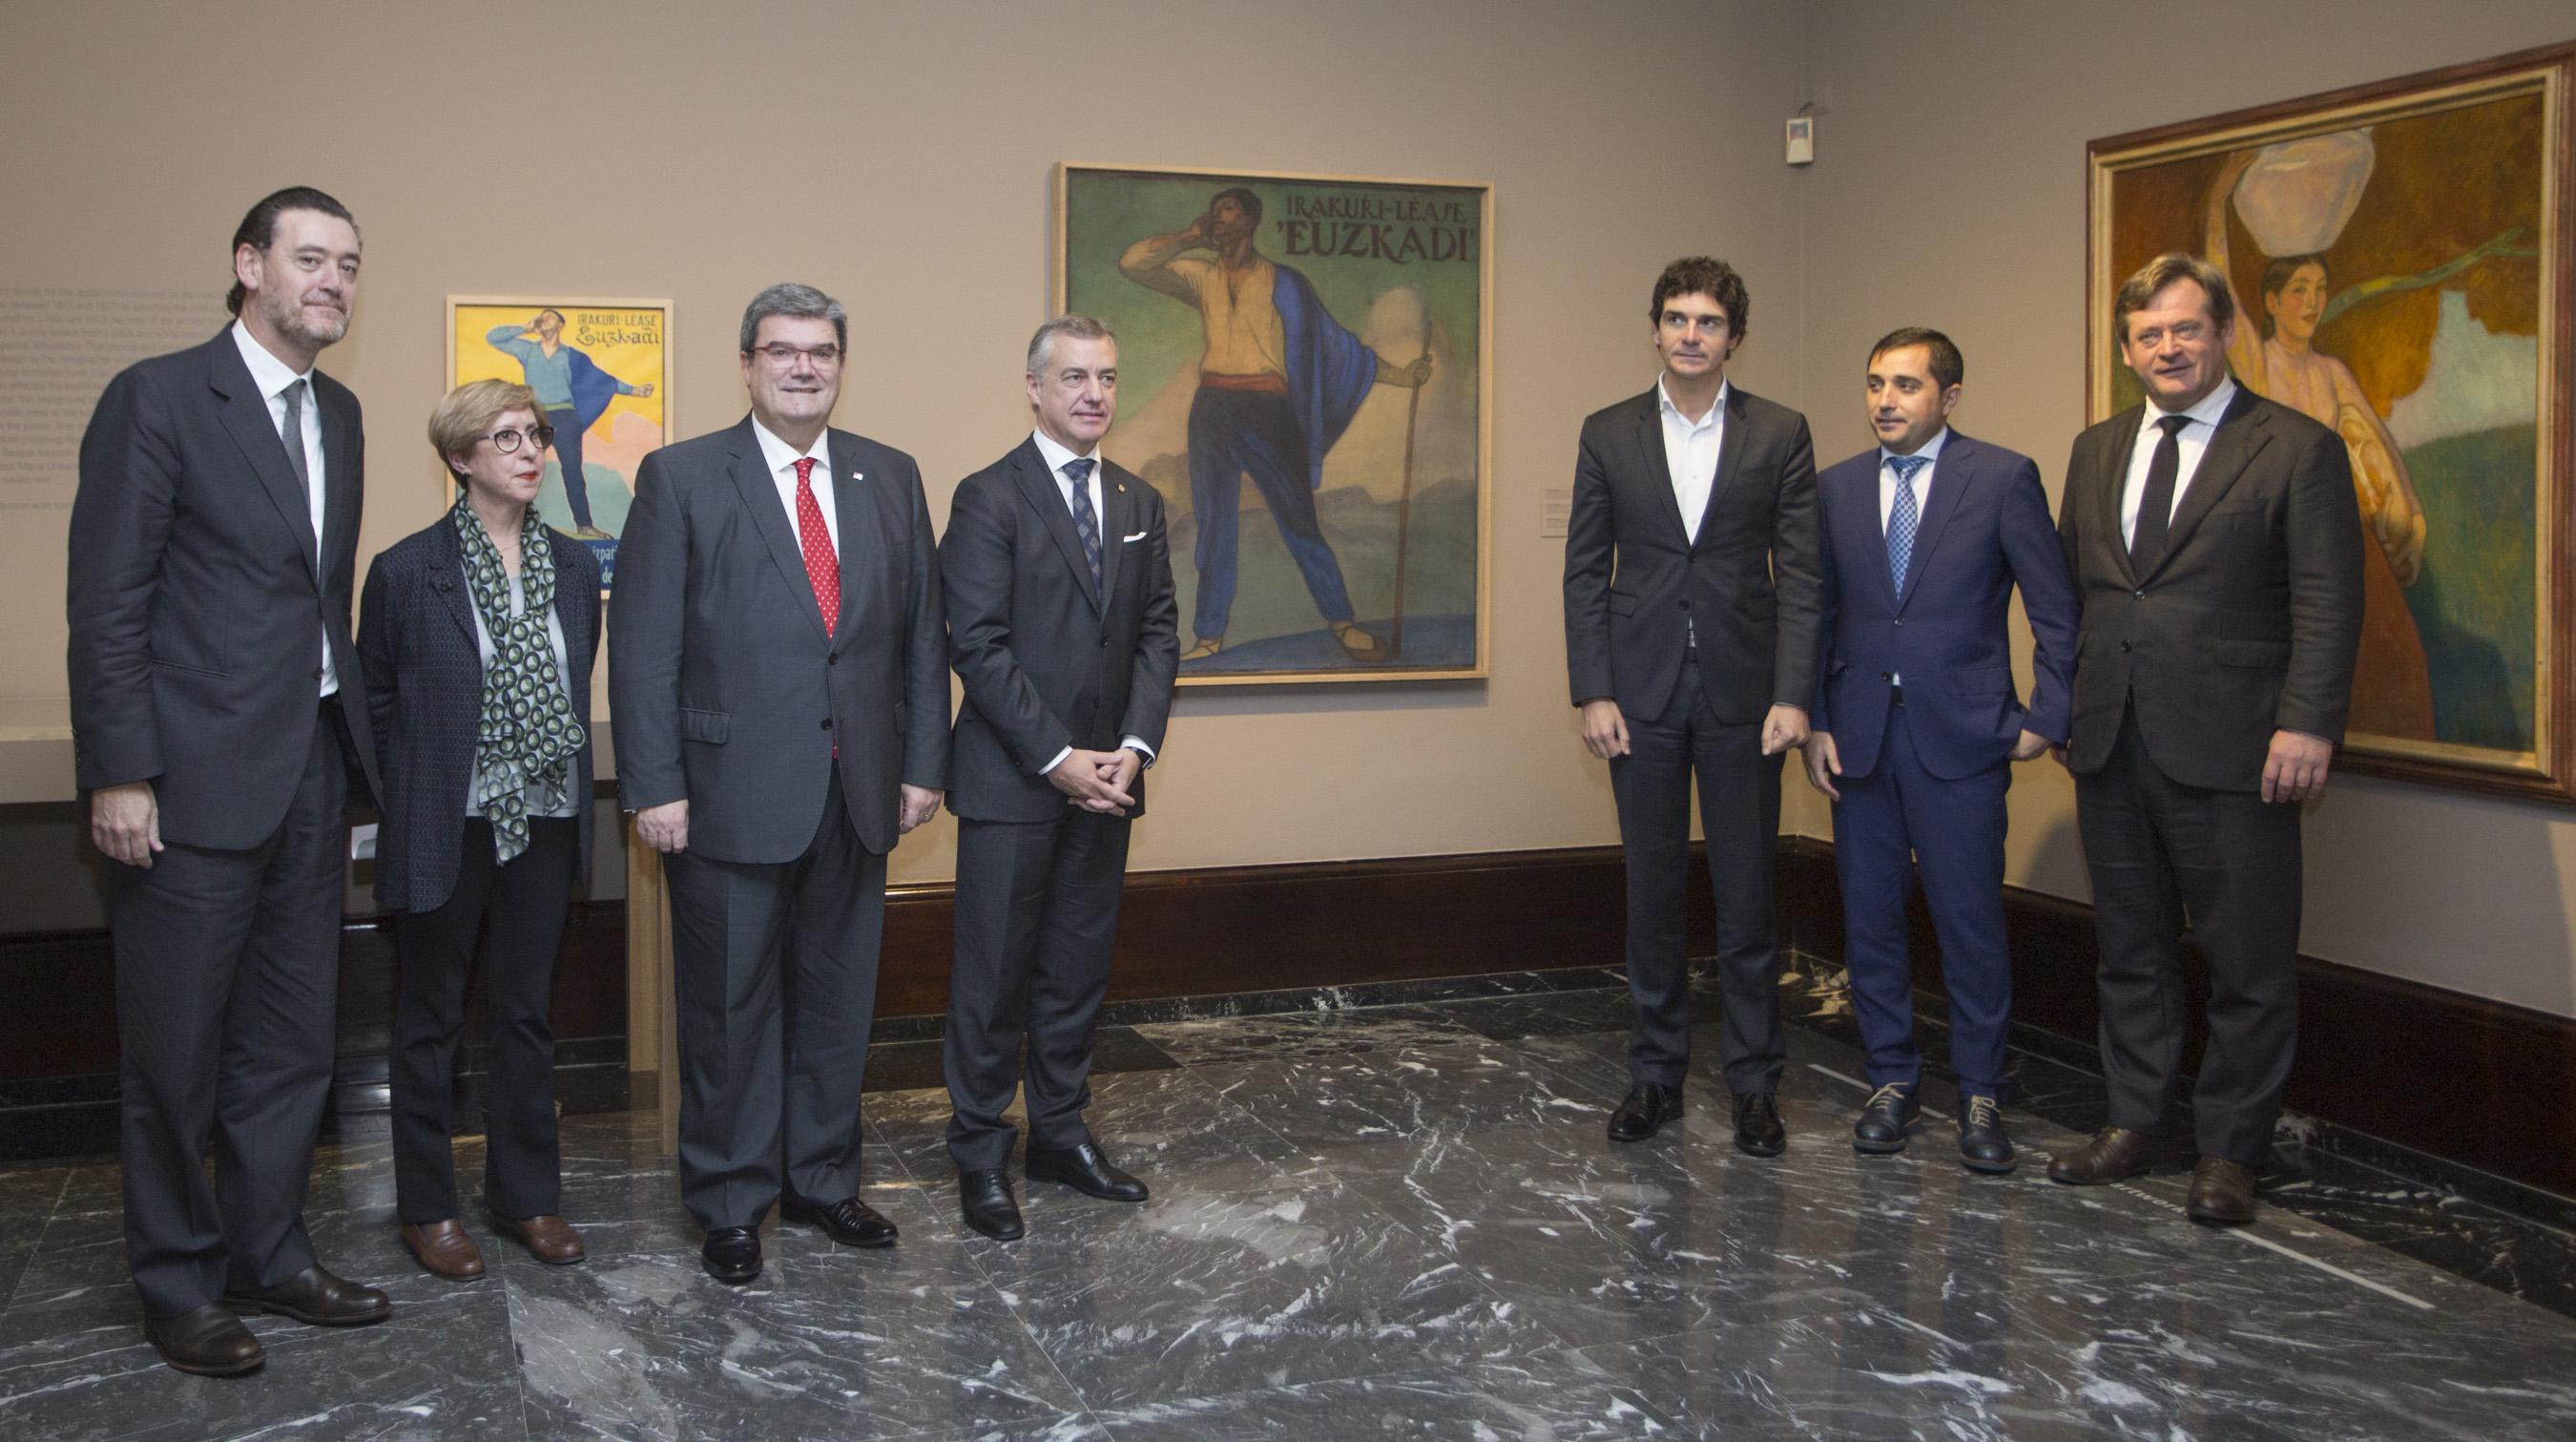 """El Lehendakari ha asistido a la presentación del cuadro Irakurri-Léase """"Euzkadi"""" (1912) en el Museo de Bellas Artes de Bilbao"""